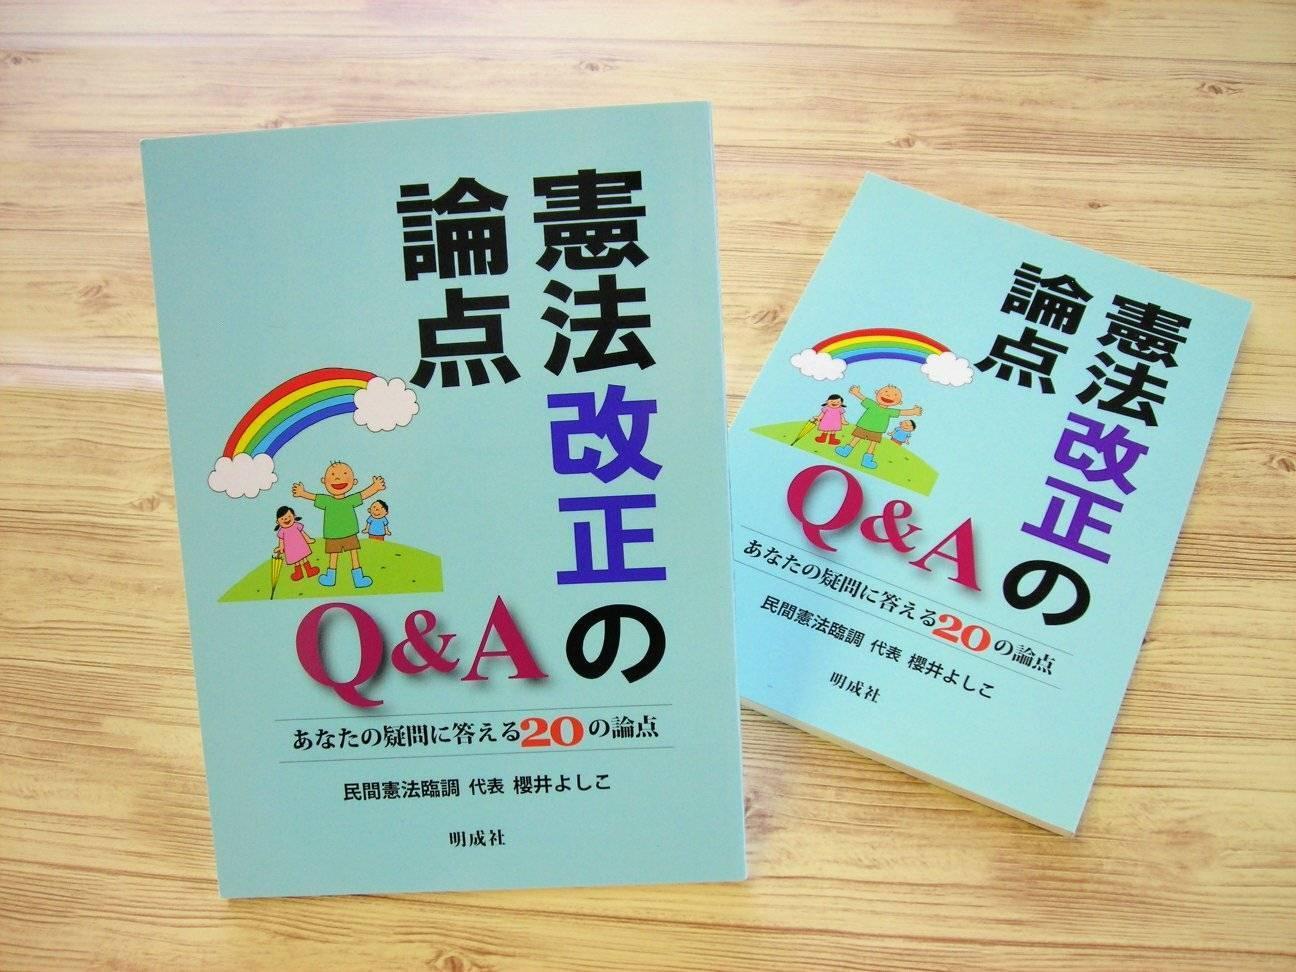 憲法改正の論点Q&A-あなたの疑問に答える20の論点